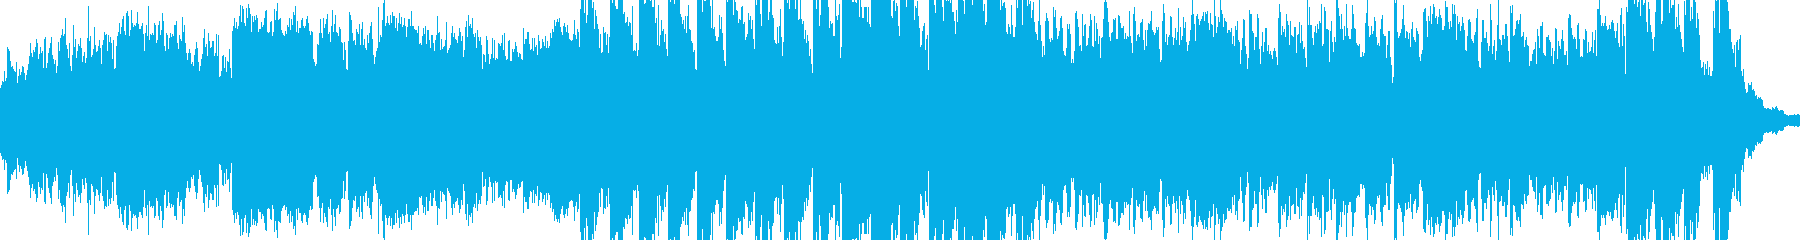 緊張感あふれる金管楽器のシンフォニーの再生済みの波形